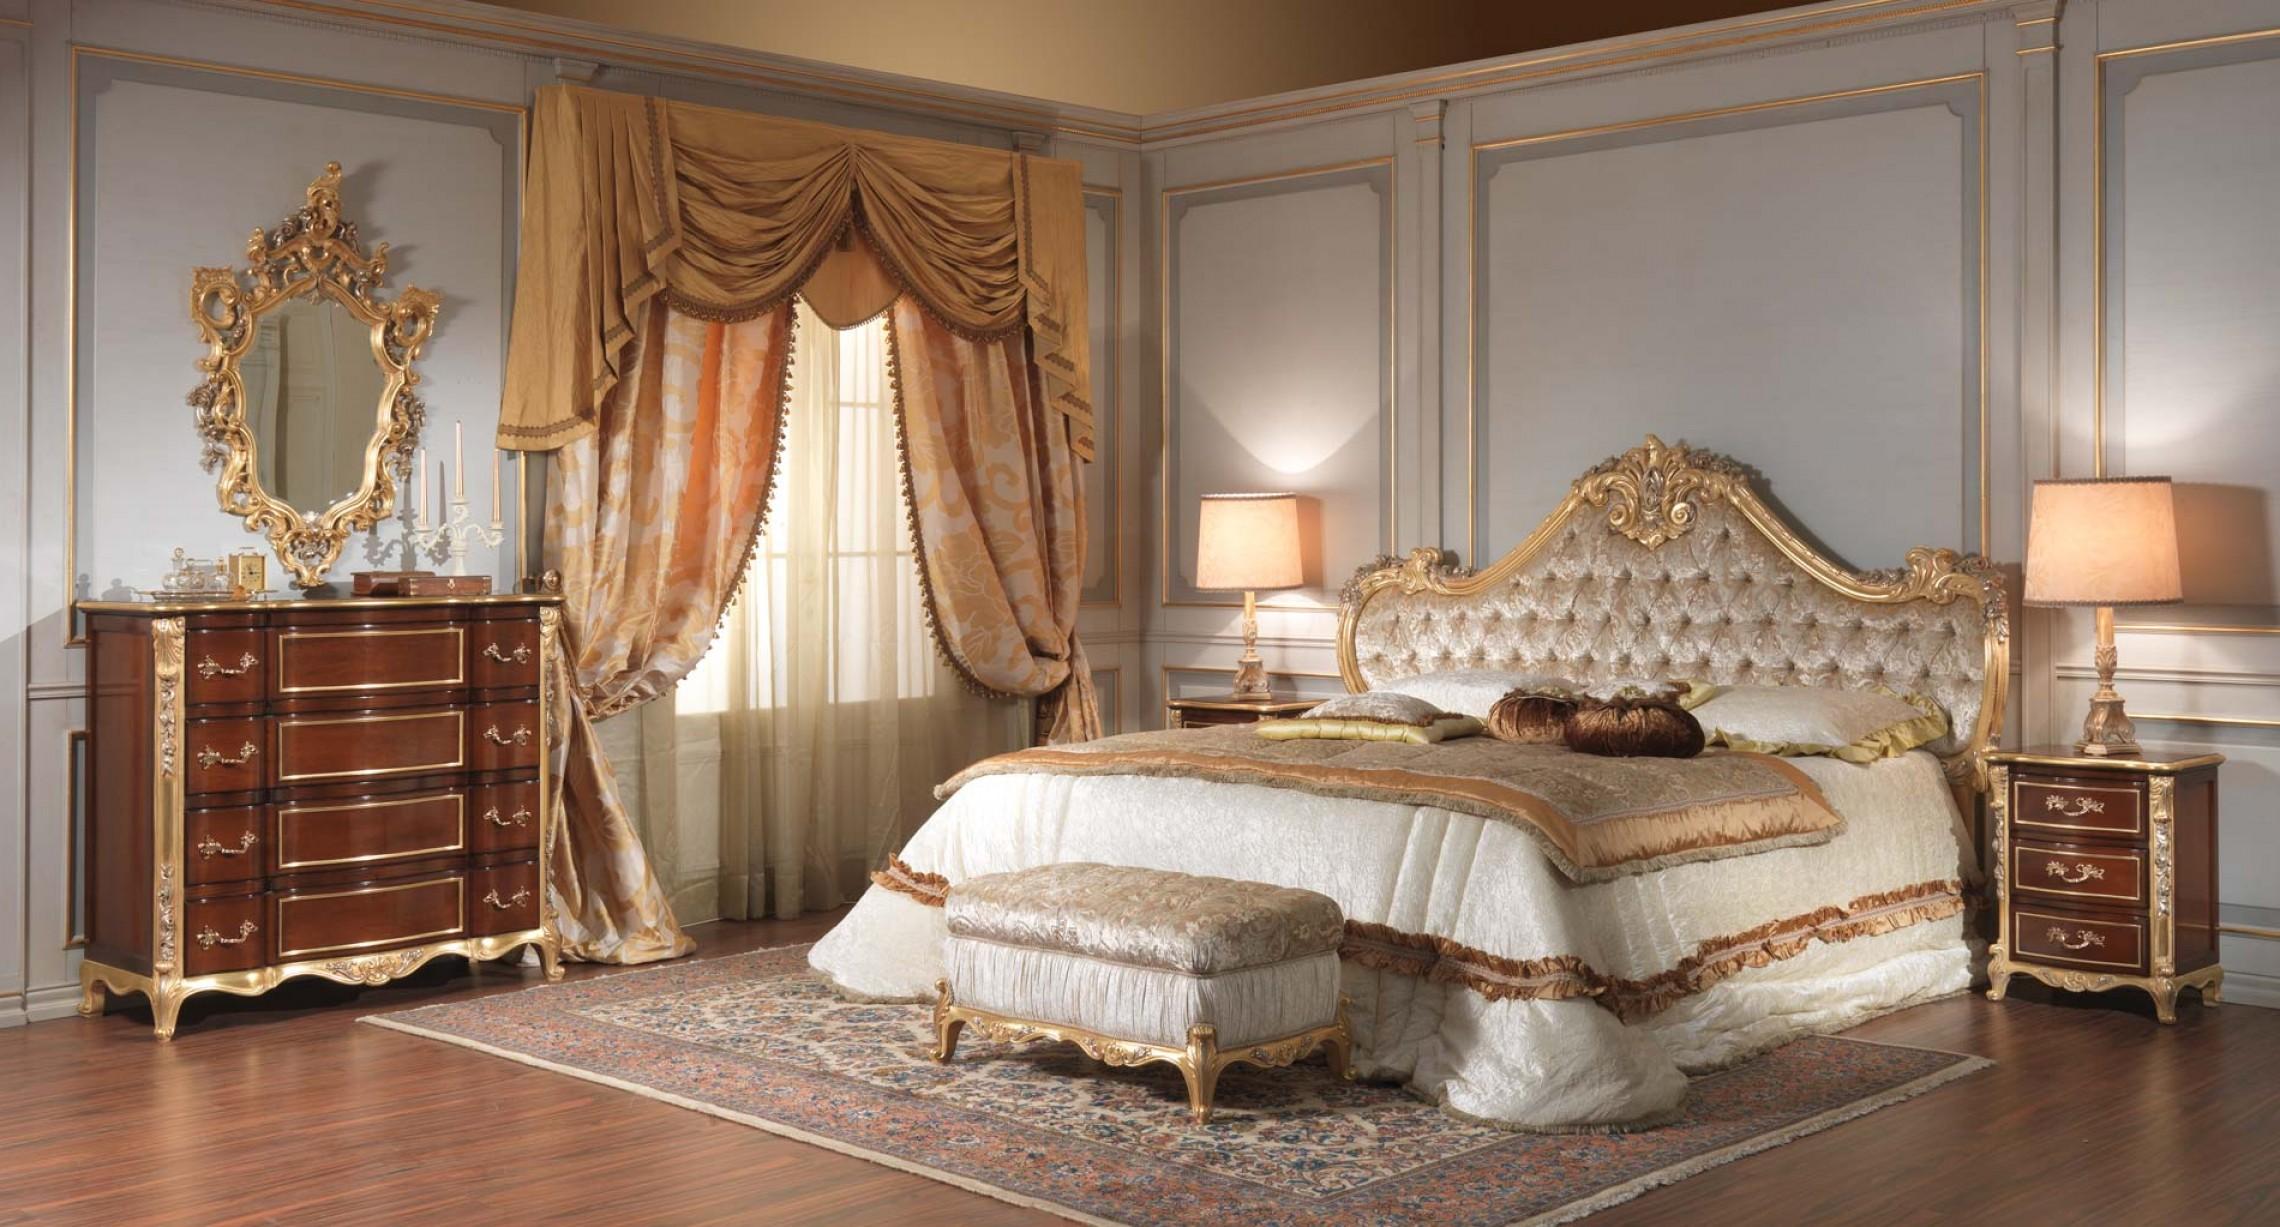 Стиль рококо отличается богатой отделкой, утонченностью и изысканностью